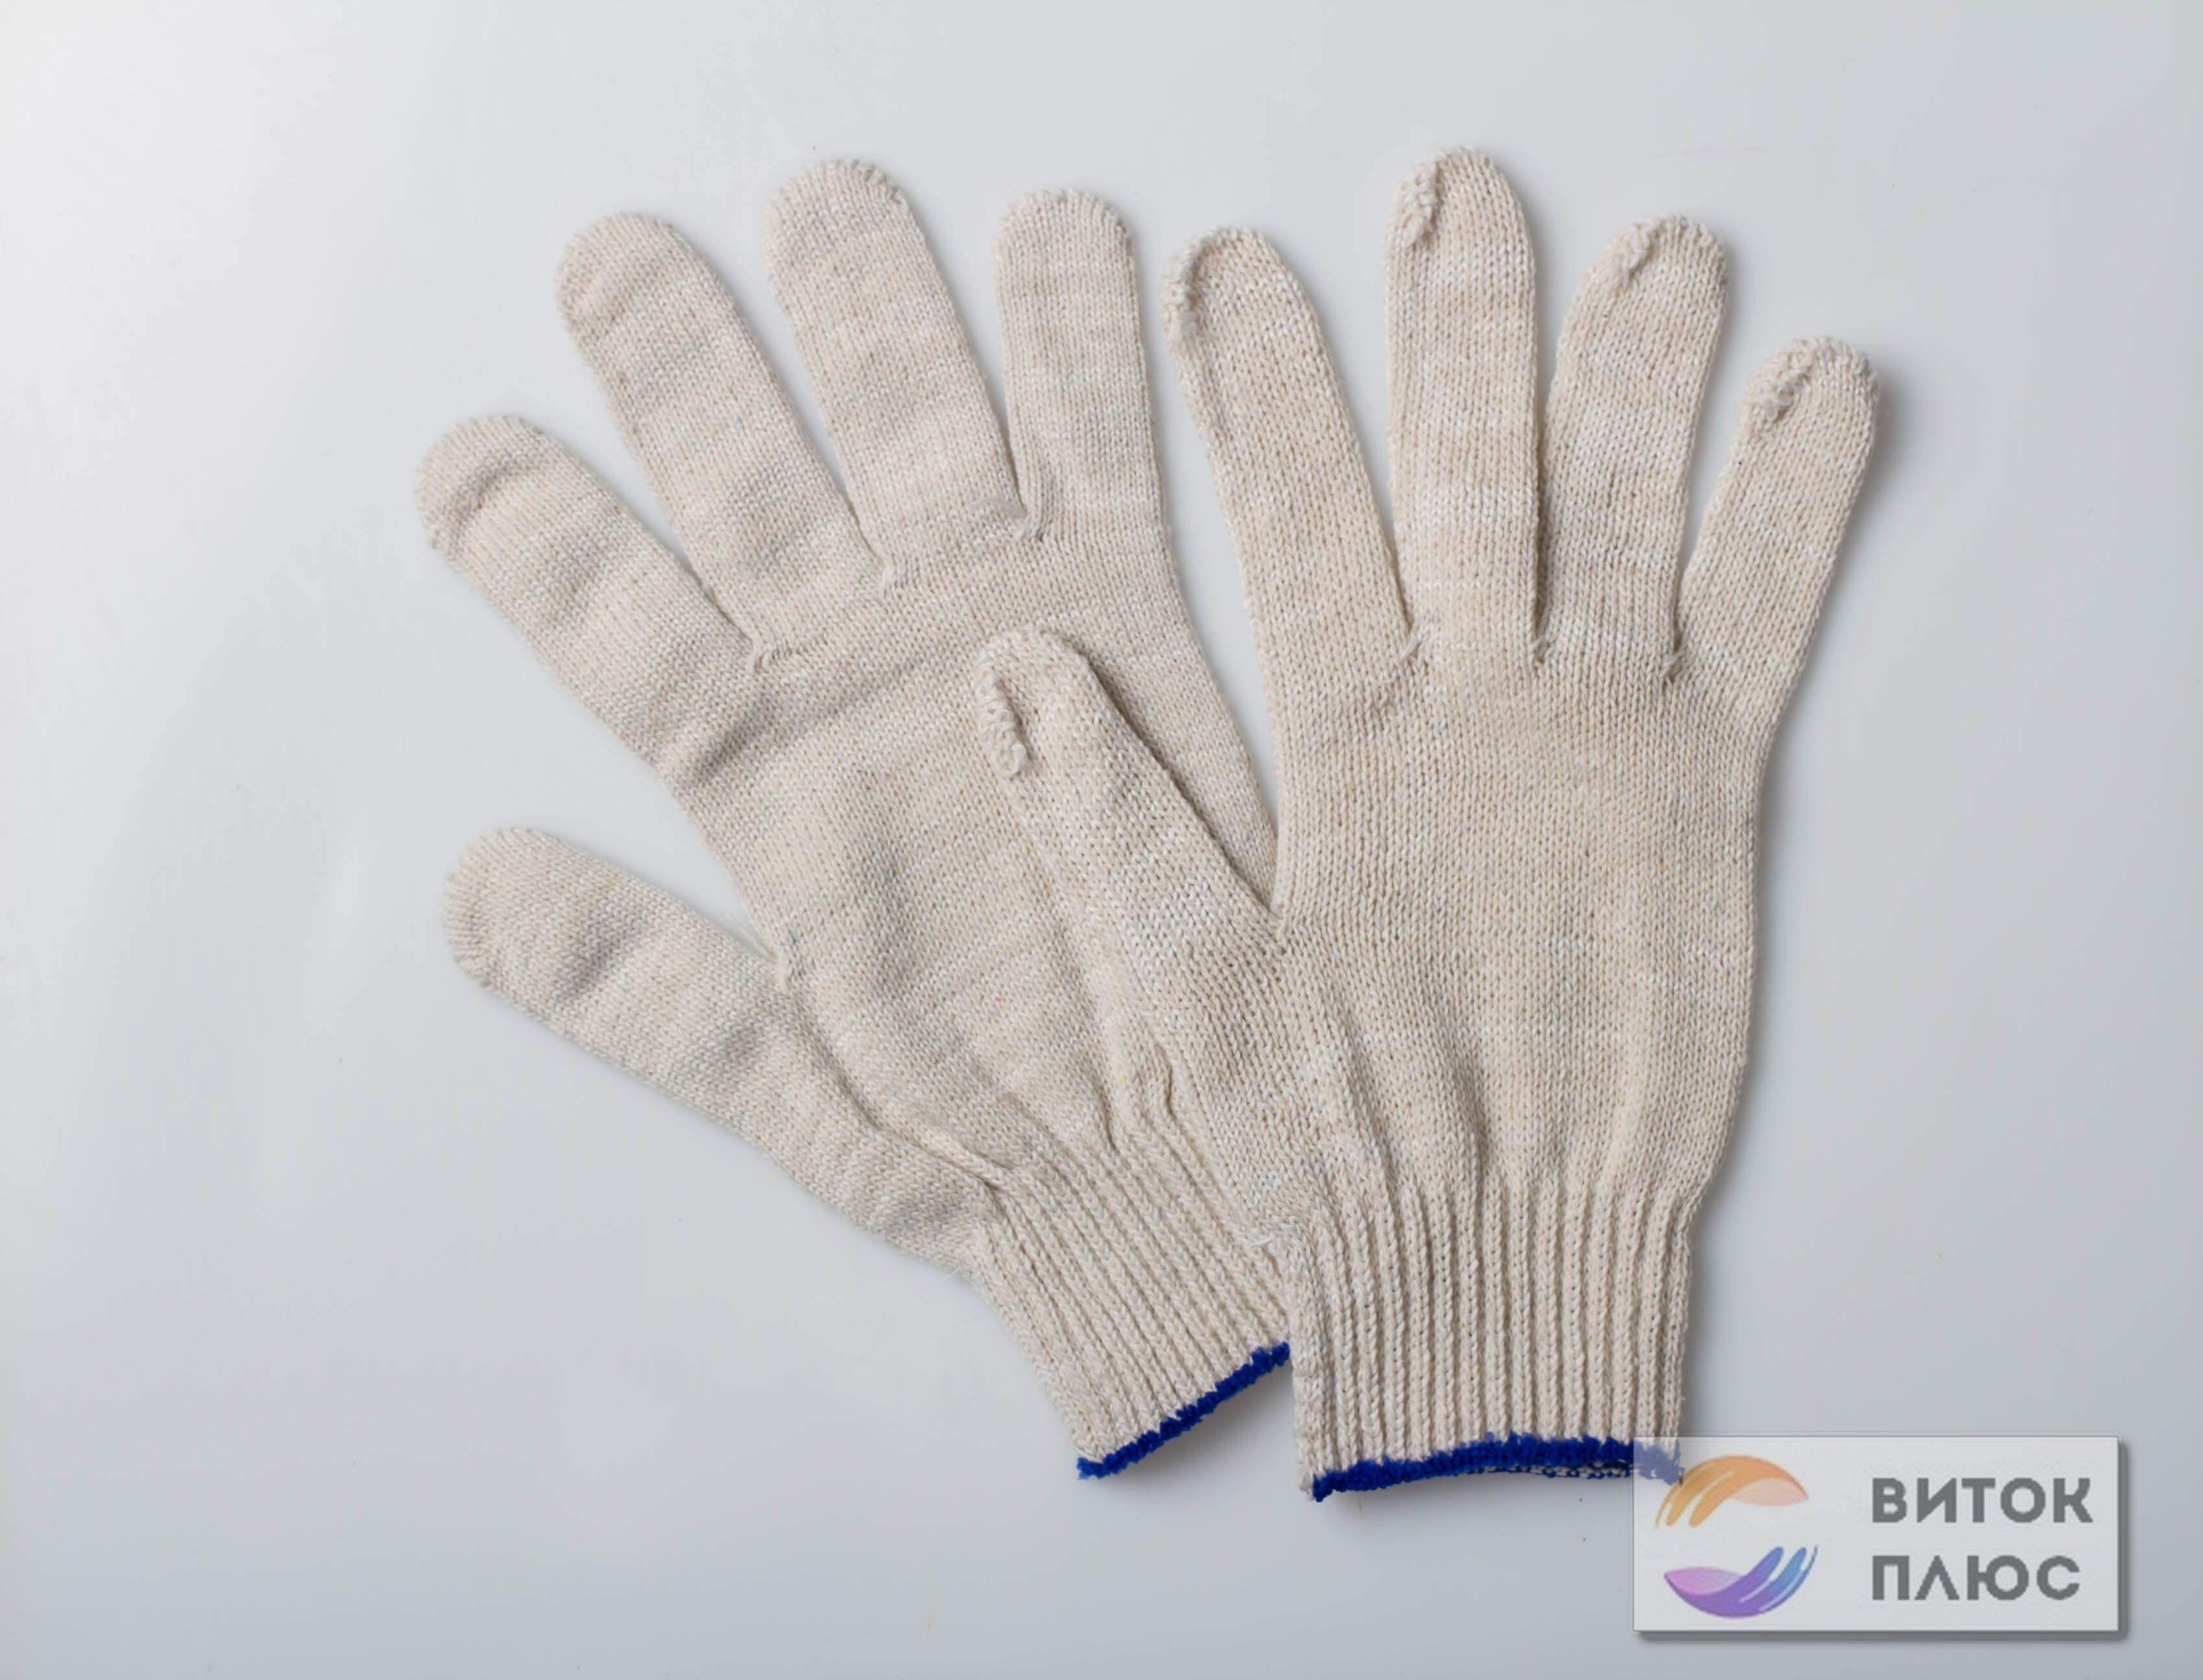 Перчатки ХБ стандарт